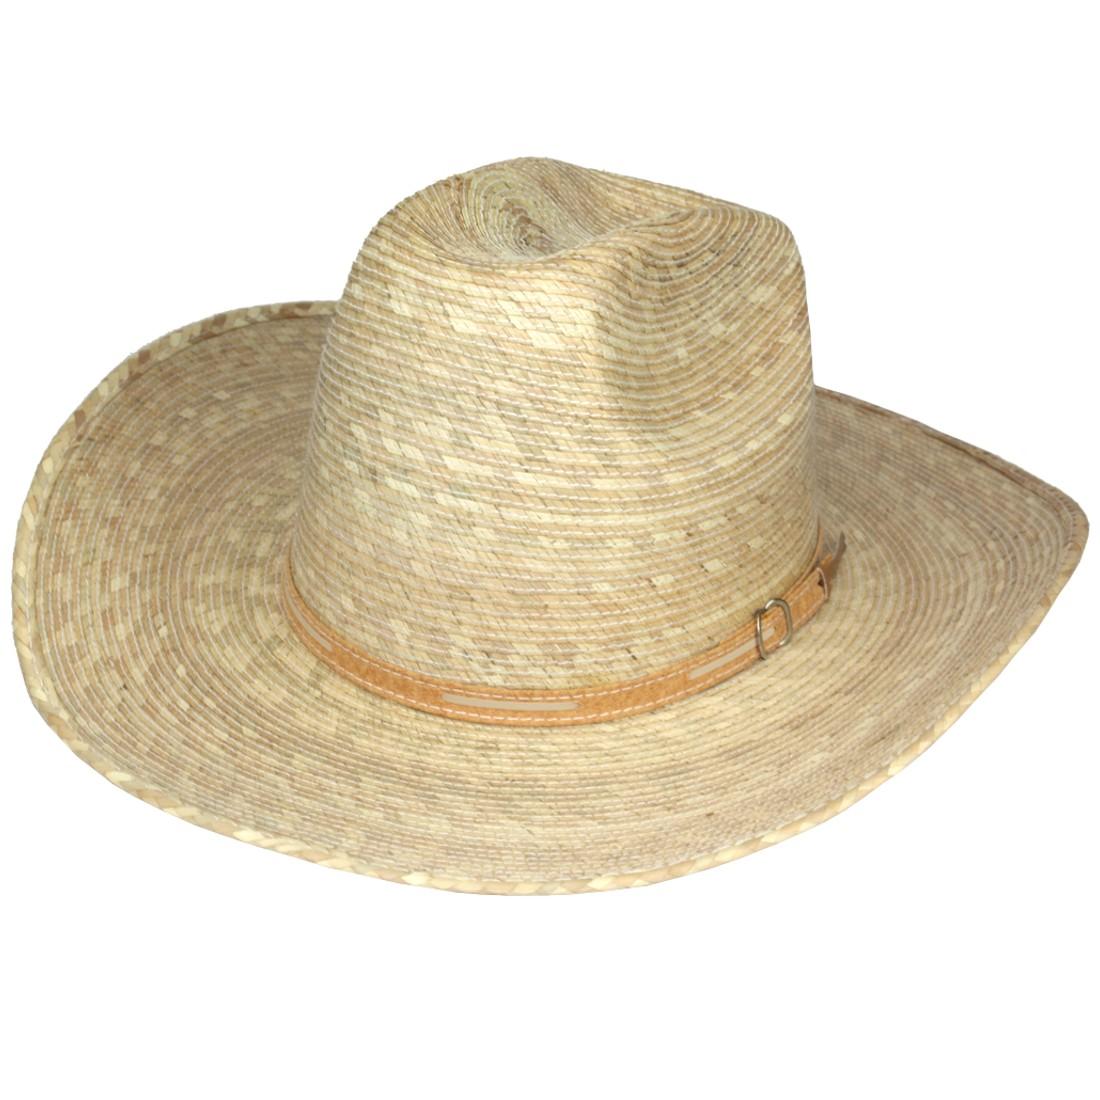 20693517d685e Sombrero cowboy de tirilla de palma natural genuino de México. Adorno  correa.